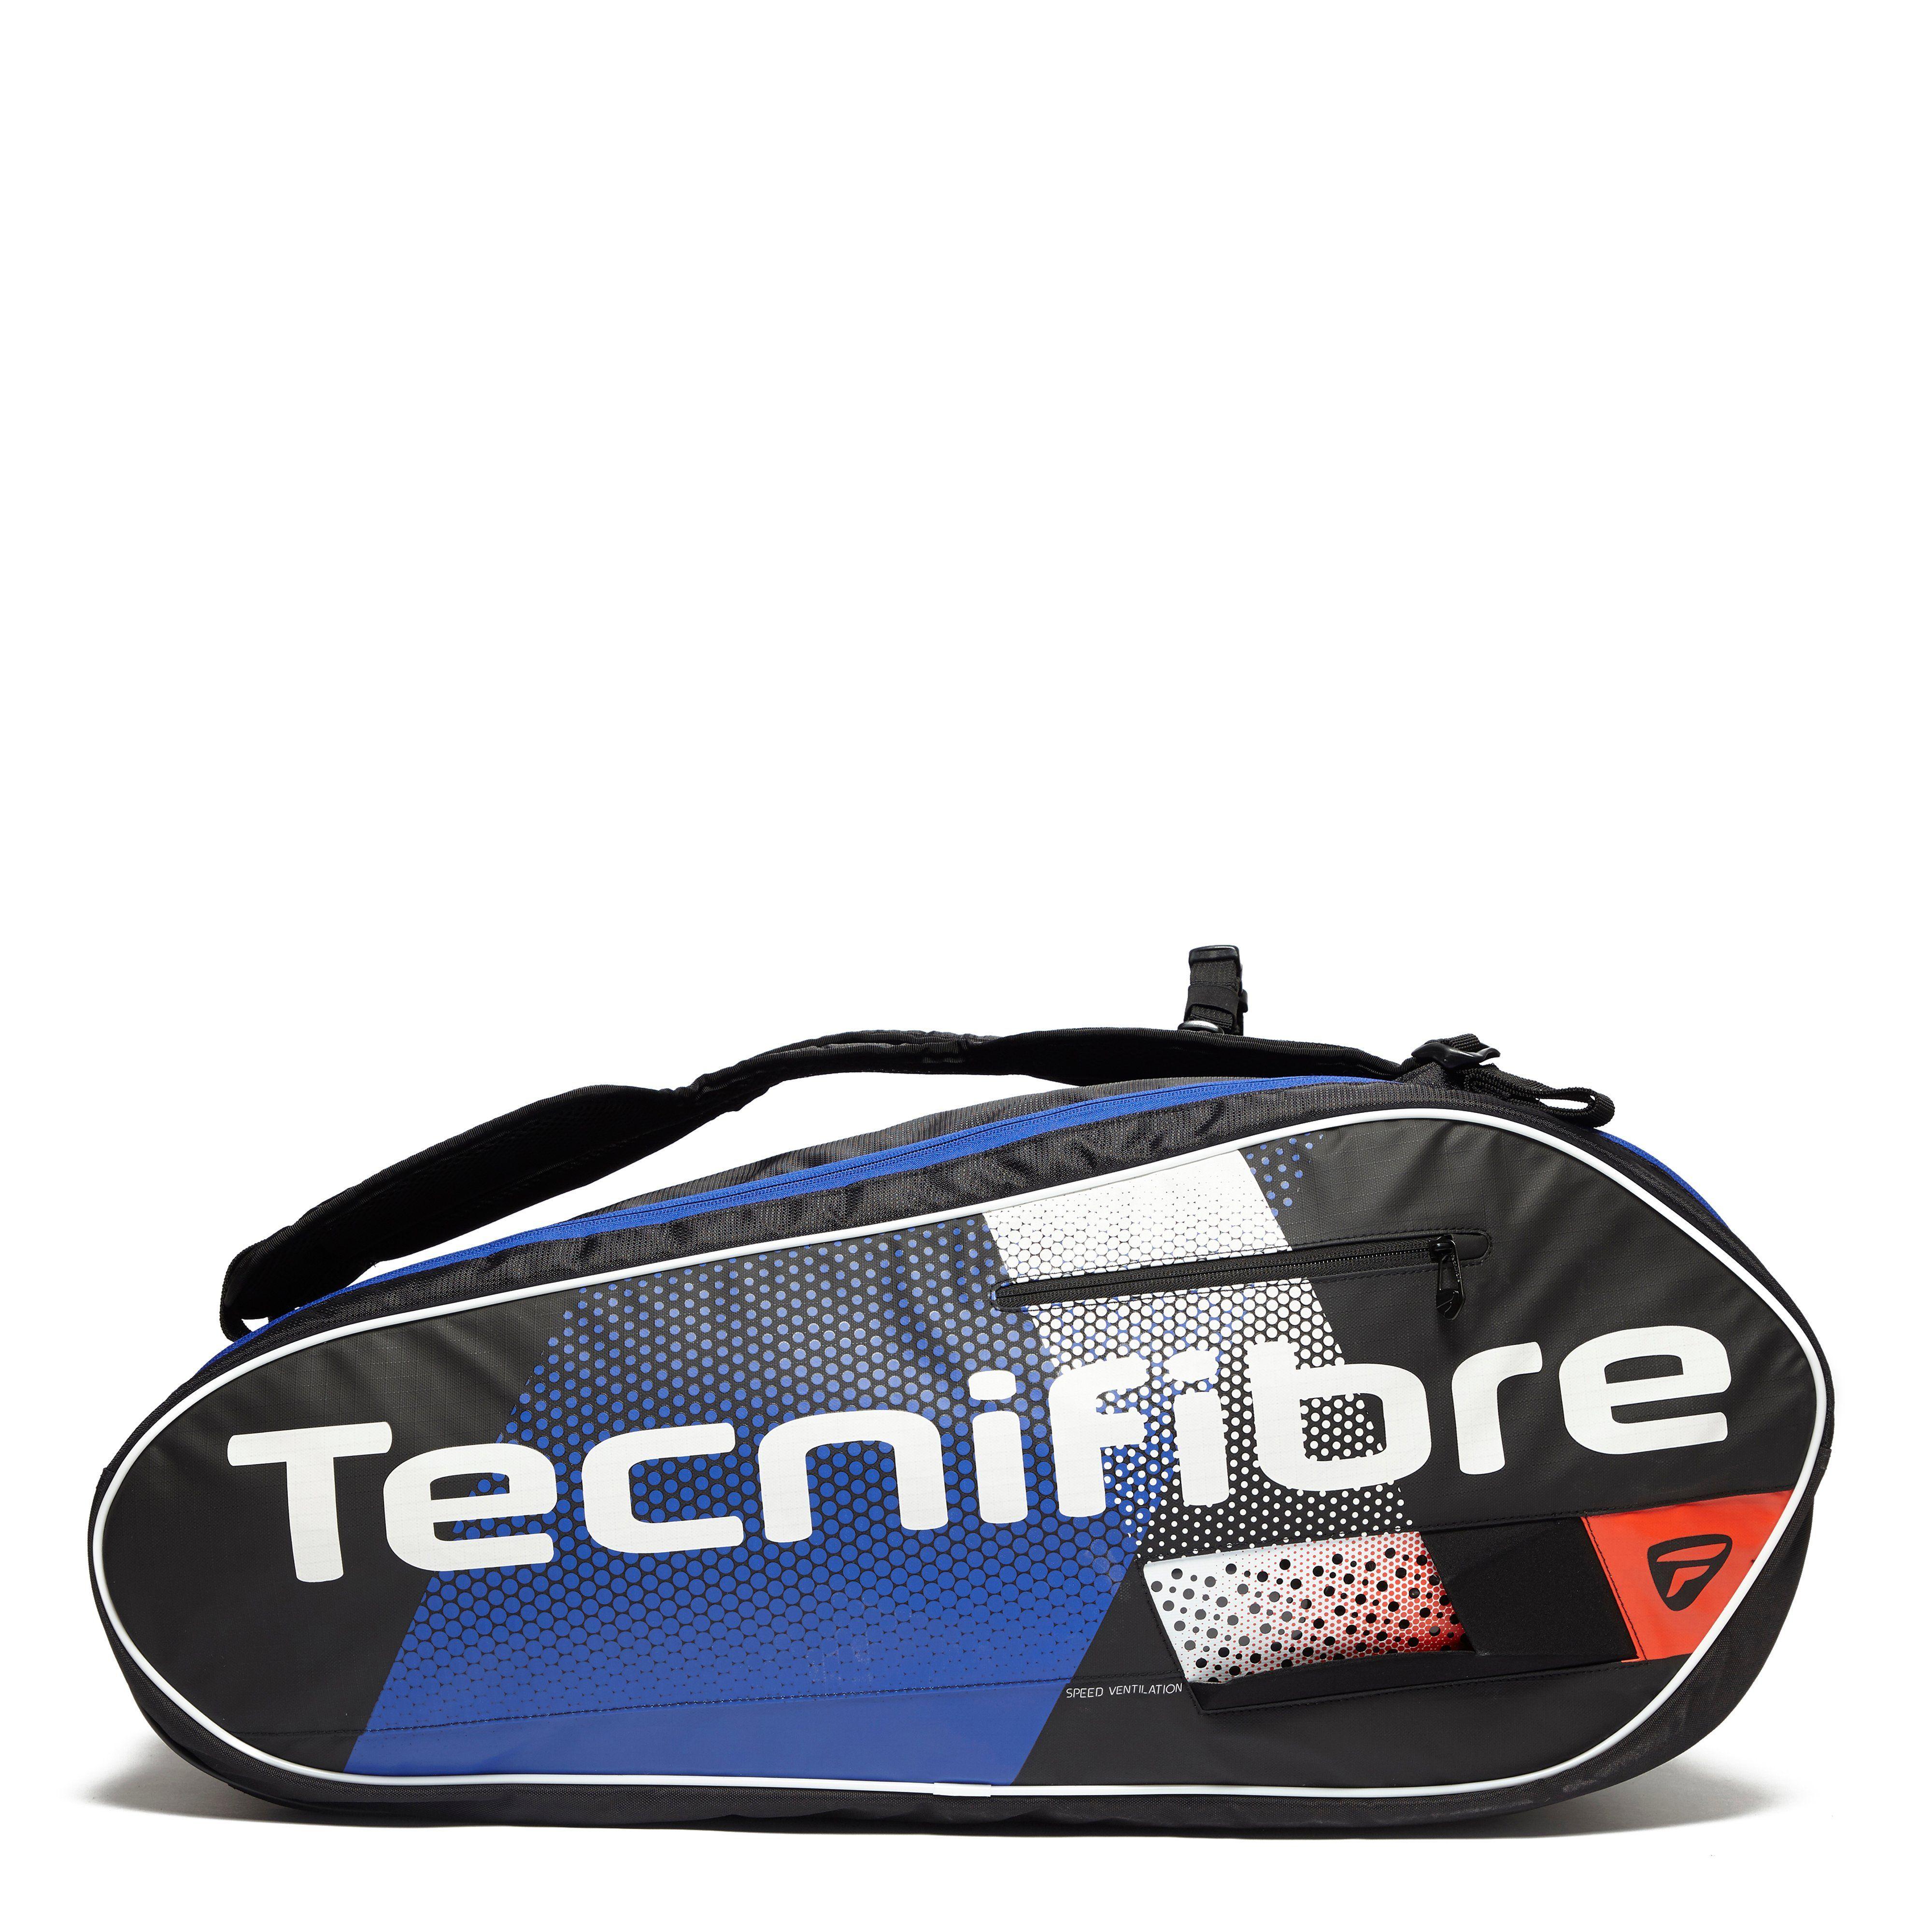 Tecnifibre Air Endurance x9 Racket Bag